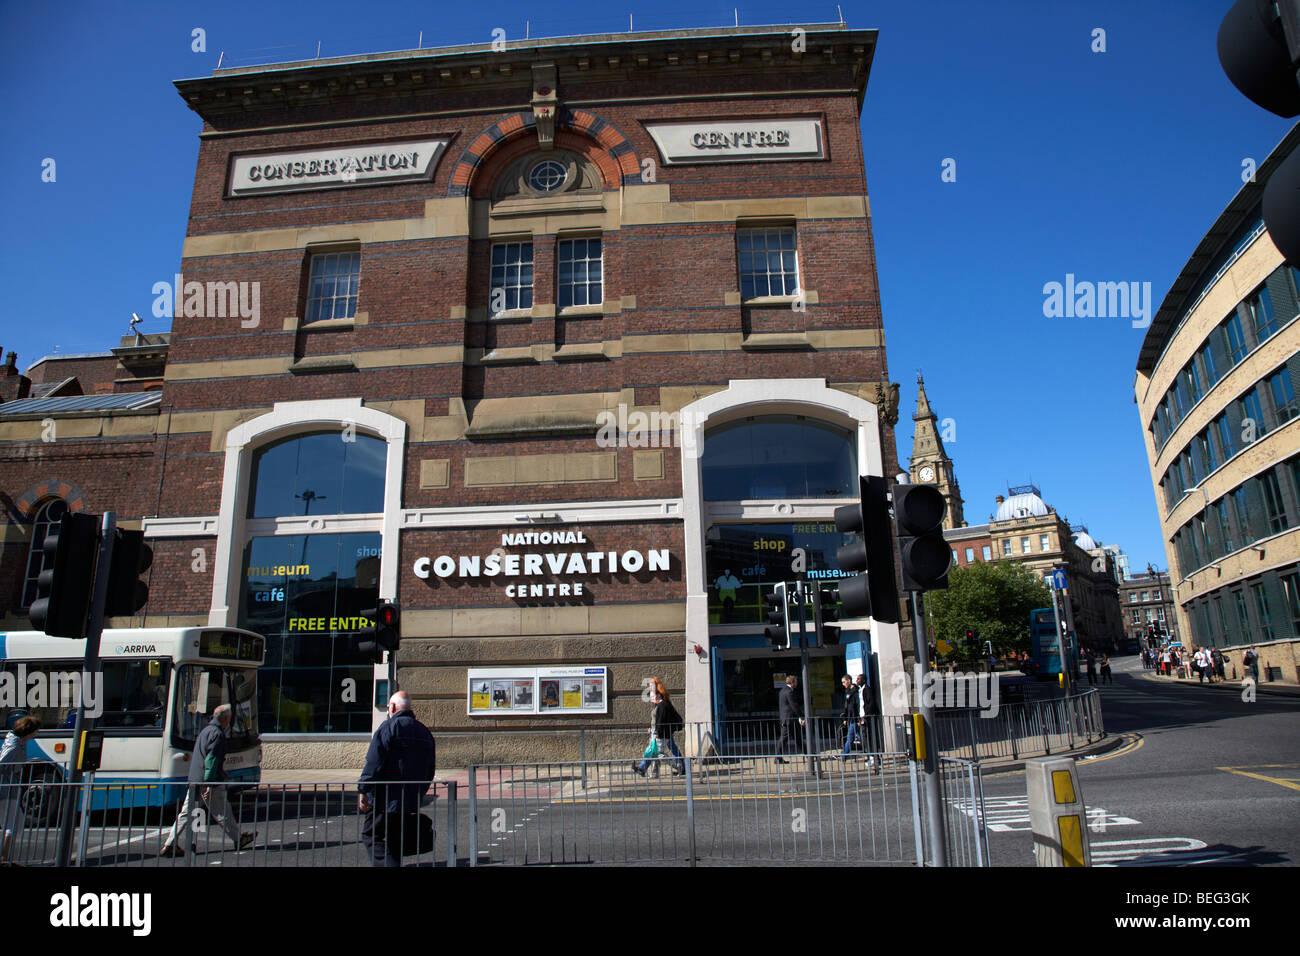 Le centre national de conservation dans le centre-ville de Liverpool basé à l'ancien chemin de fer Photo Stock